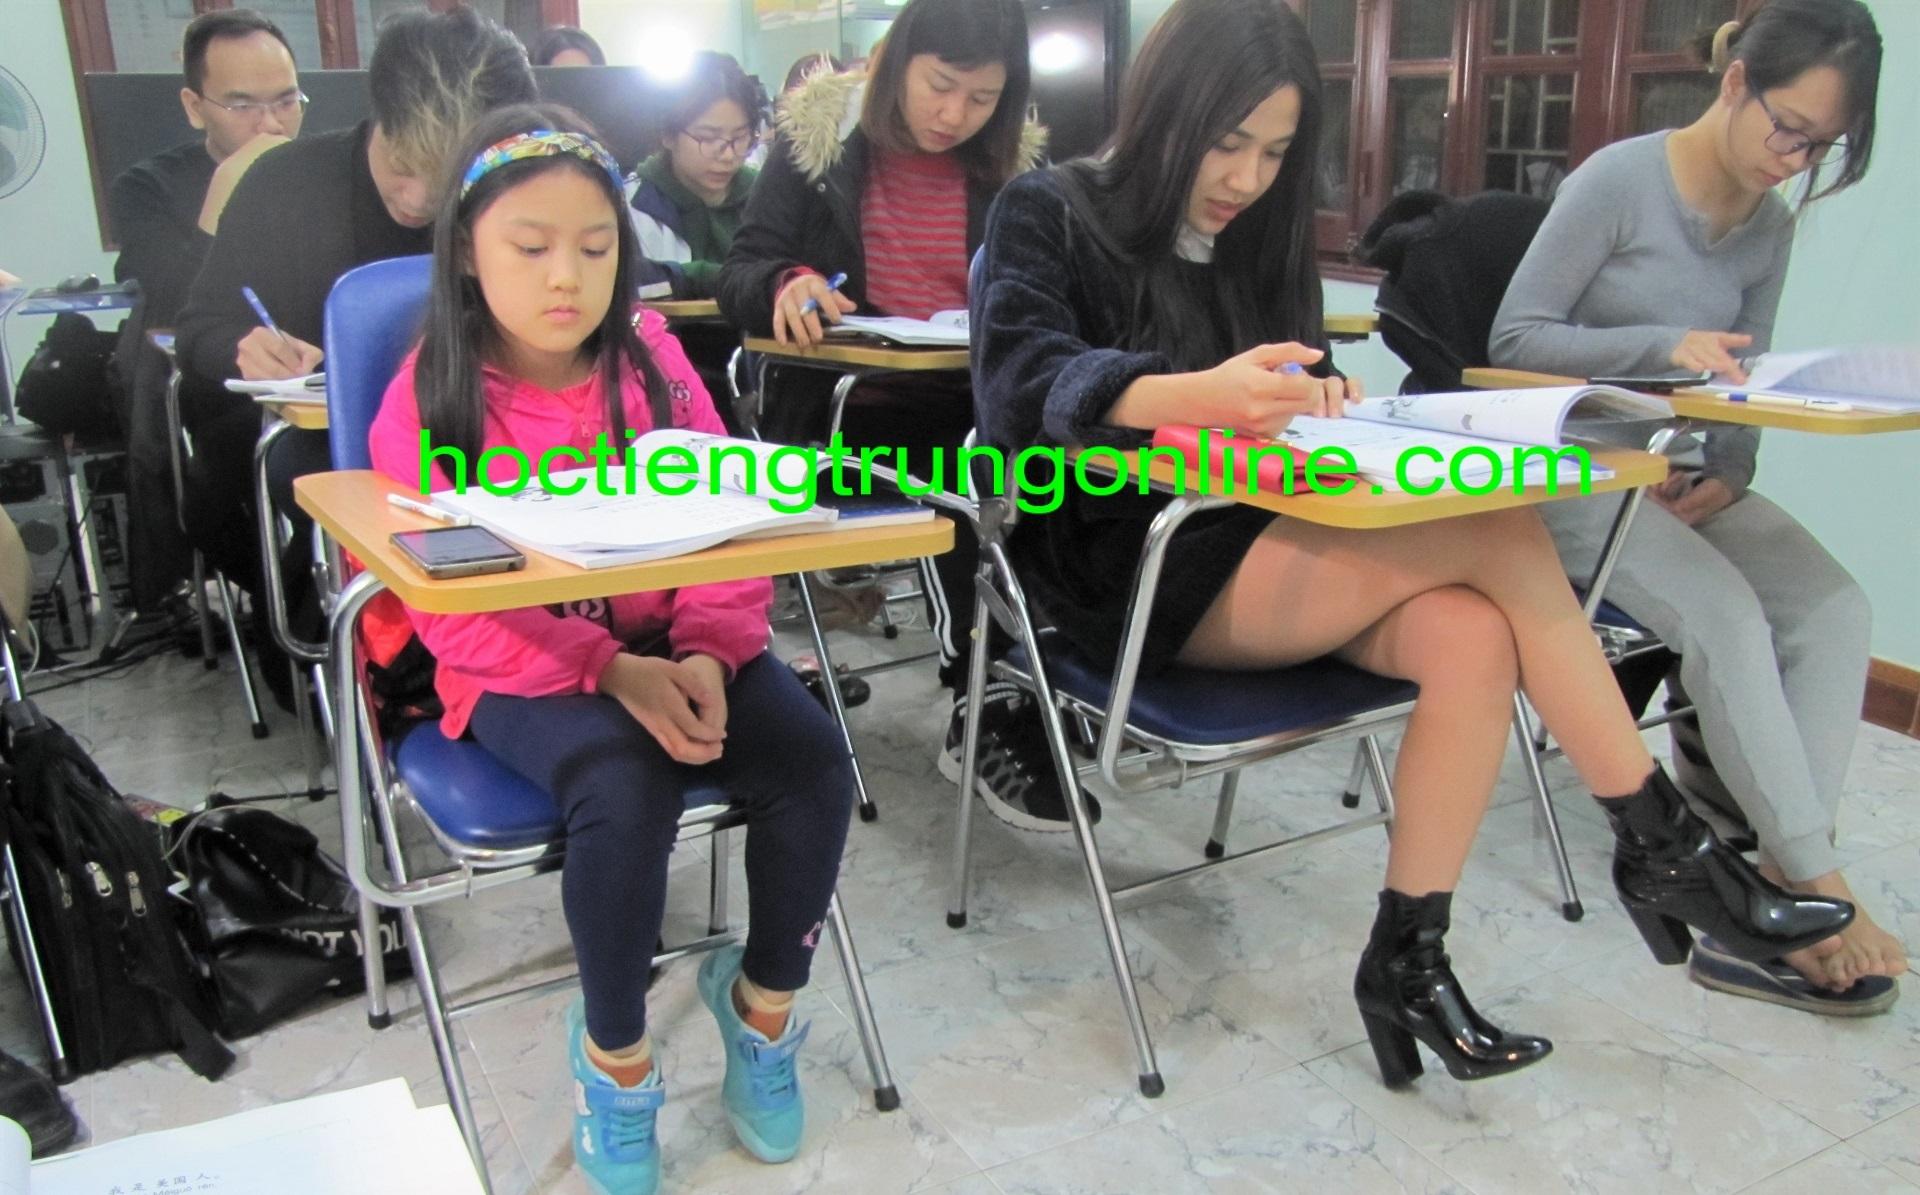 Học tiếng Trung online Thầy Vũ Trung tâm tiếng Trung ChineMaster 28